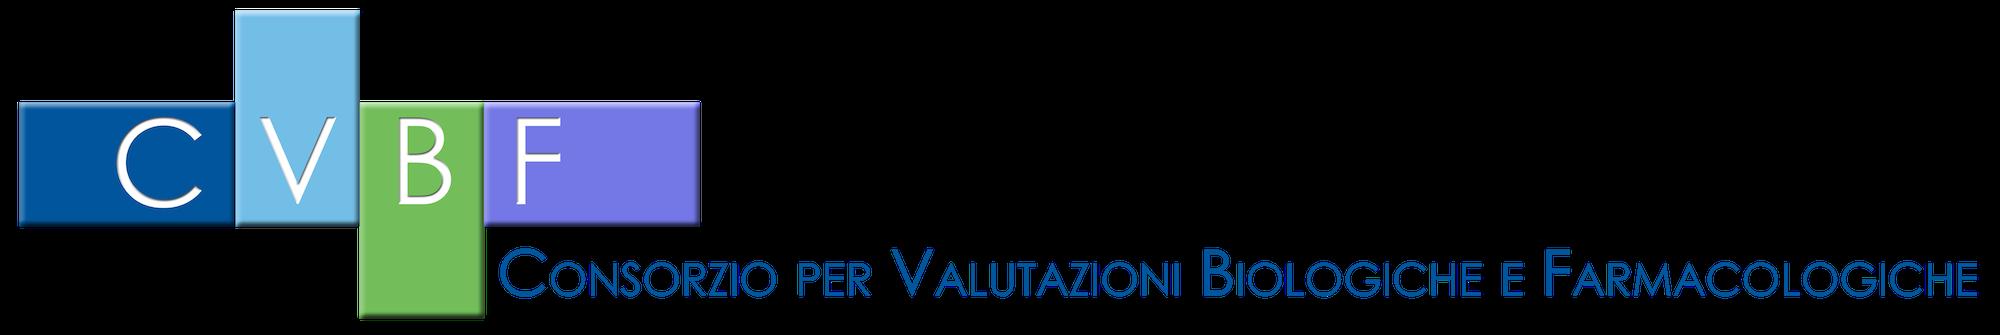 CVBF – Consorzio per Valutazioni Biologiche e Farmacologiche Retina Logo